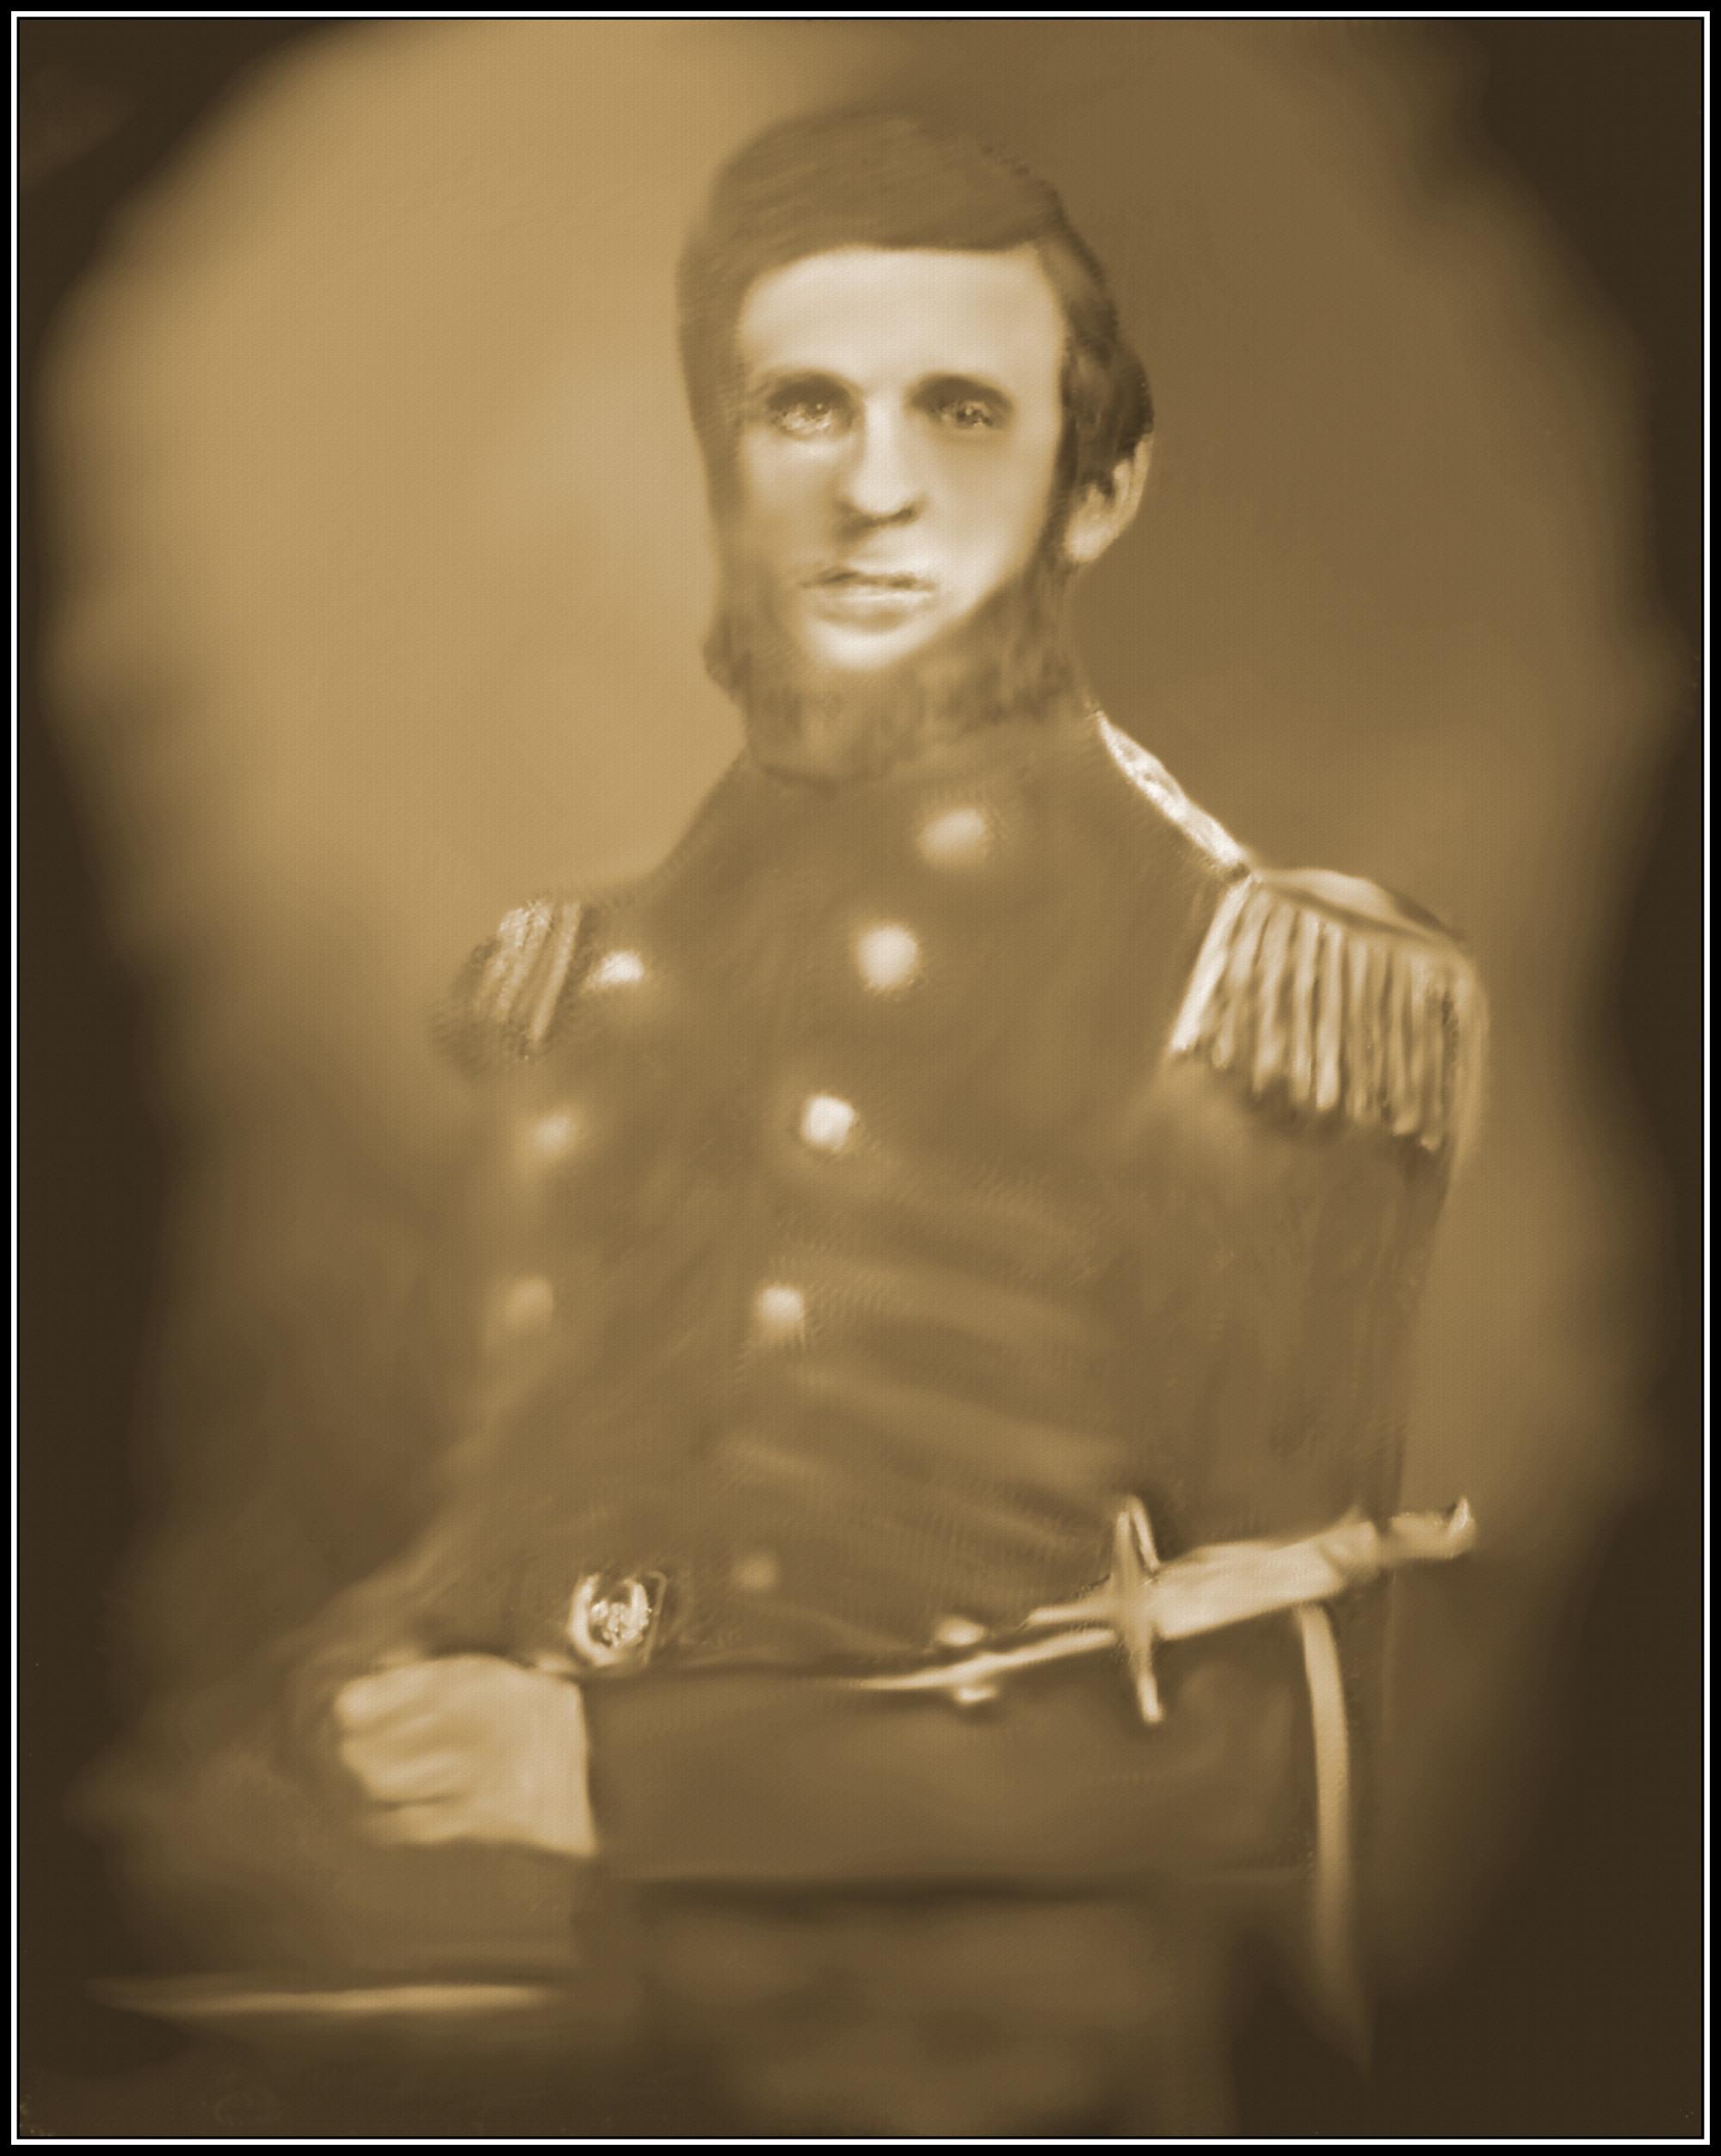 Joseph Gillett